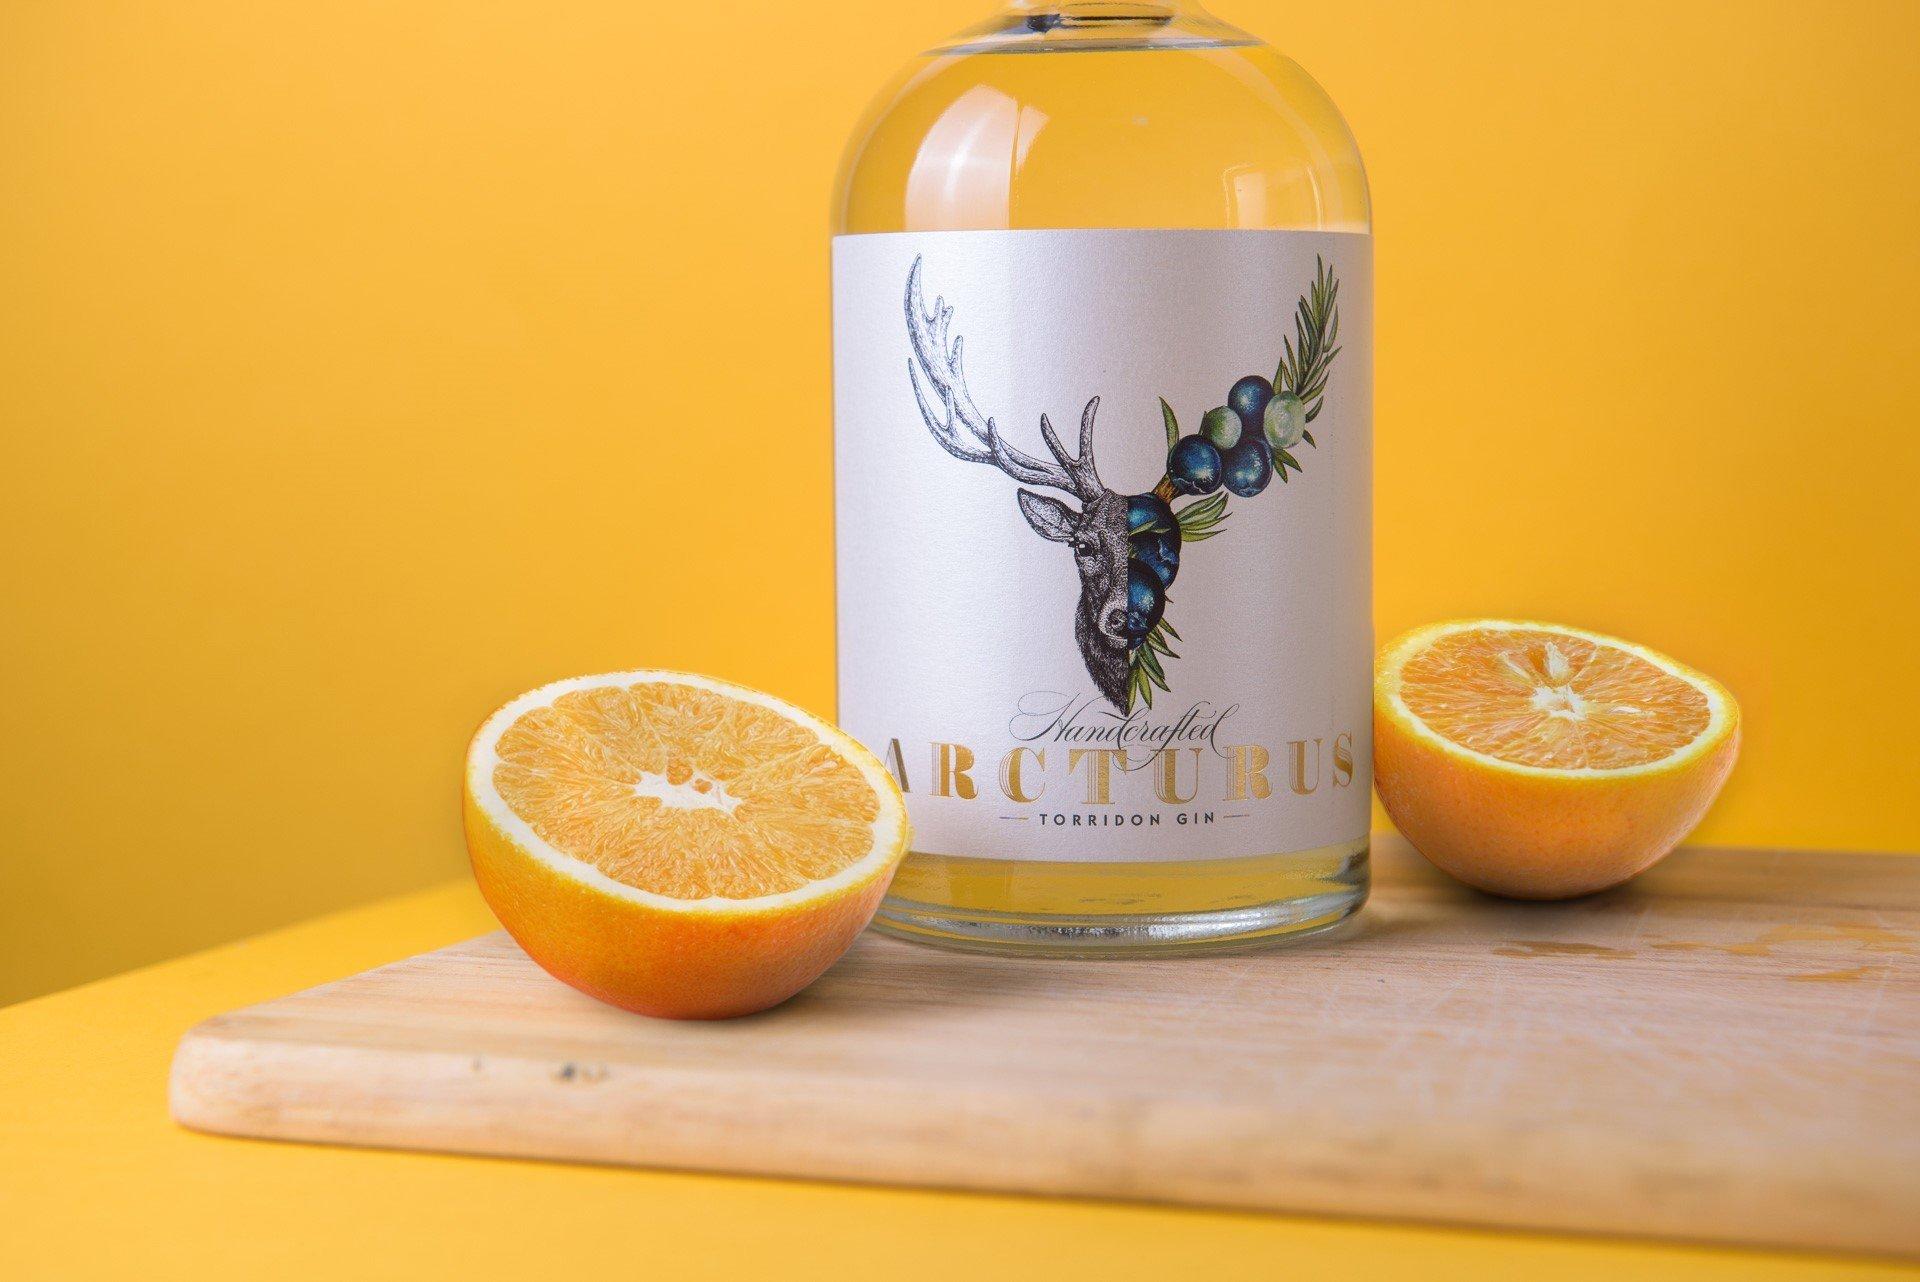 Arcturus Torridon Gin 00057